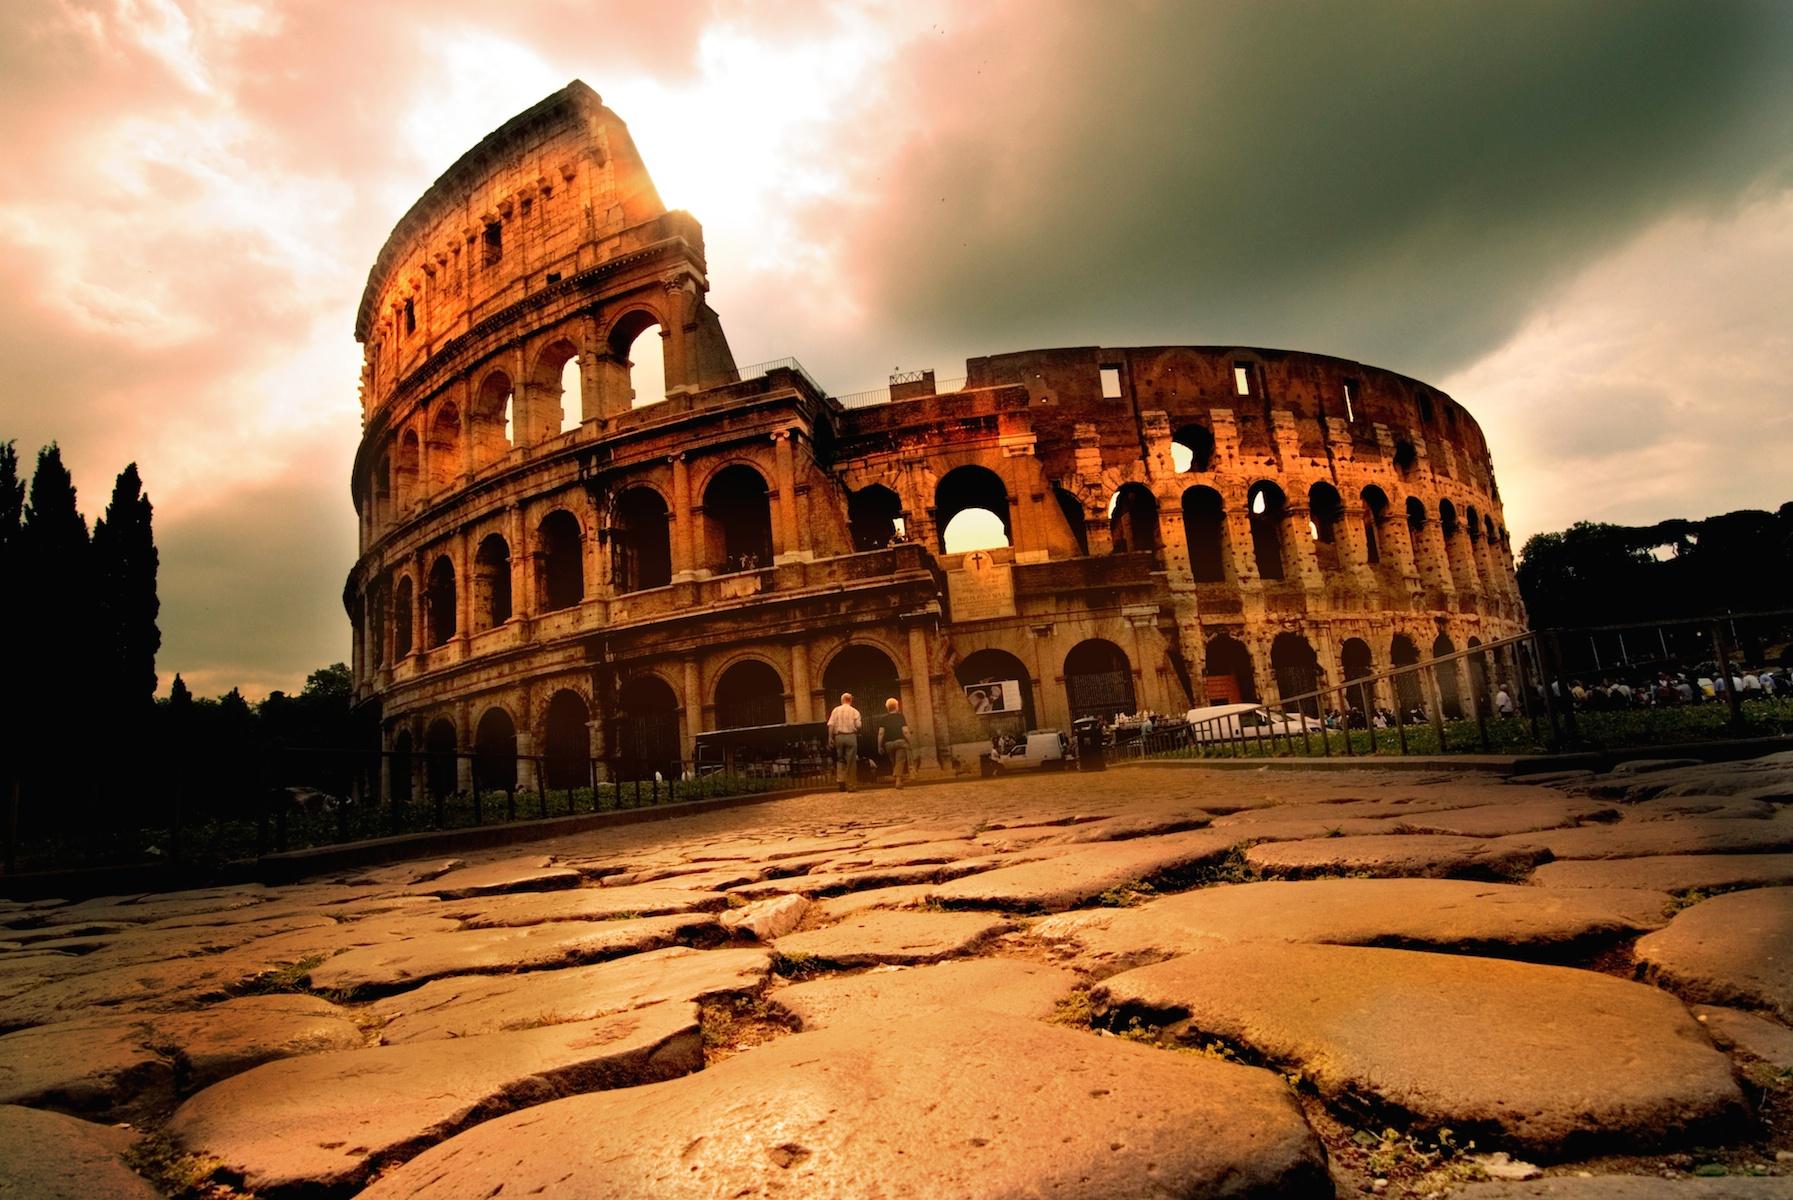 The Coliseum in Morning Light